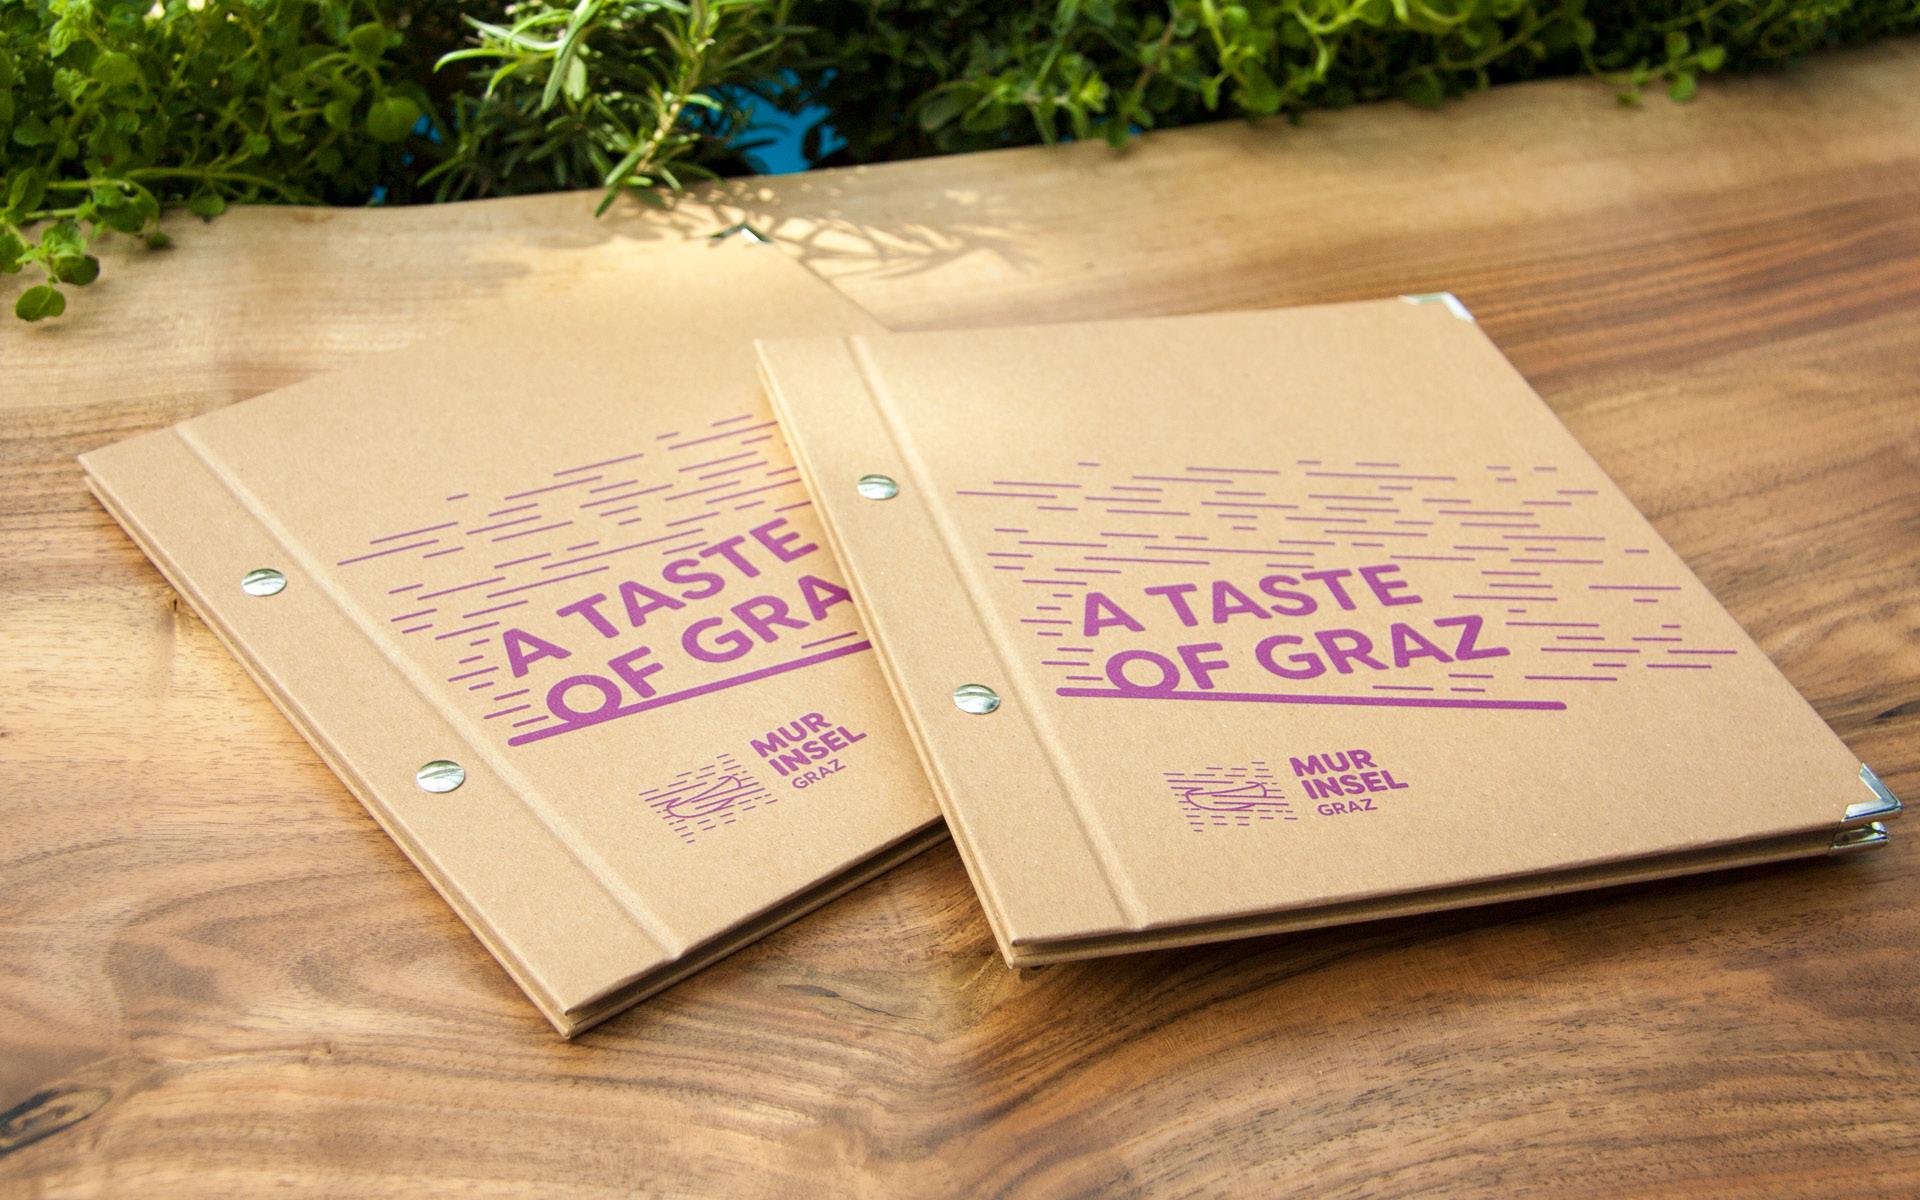 Markenentwicklung Printdesign Speisekarte von look design Graz fuer Murinsel